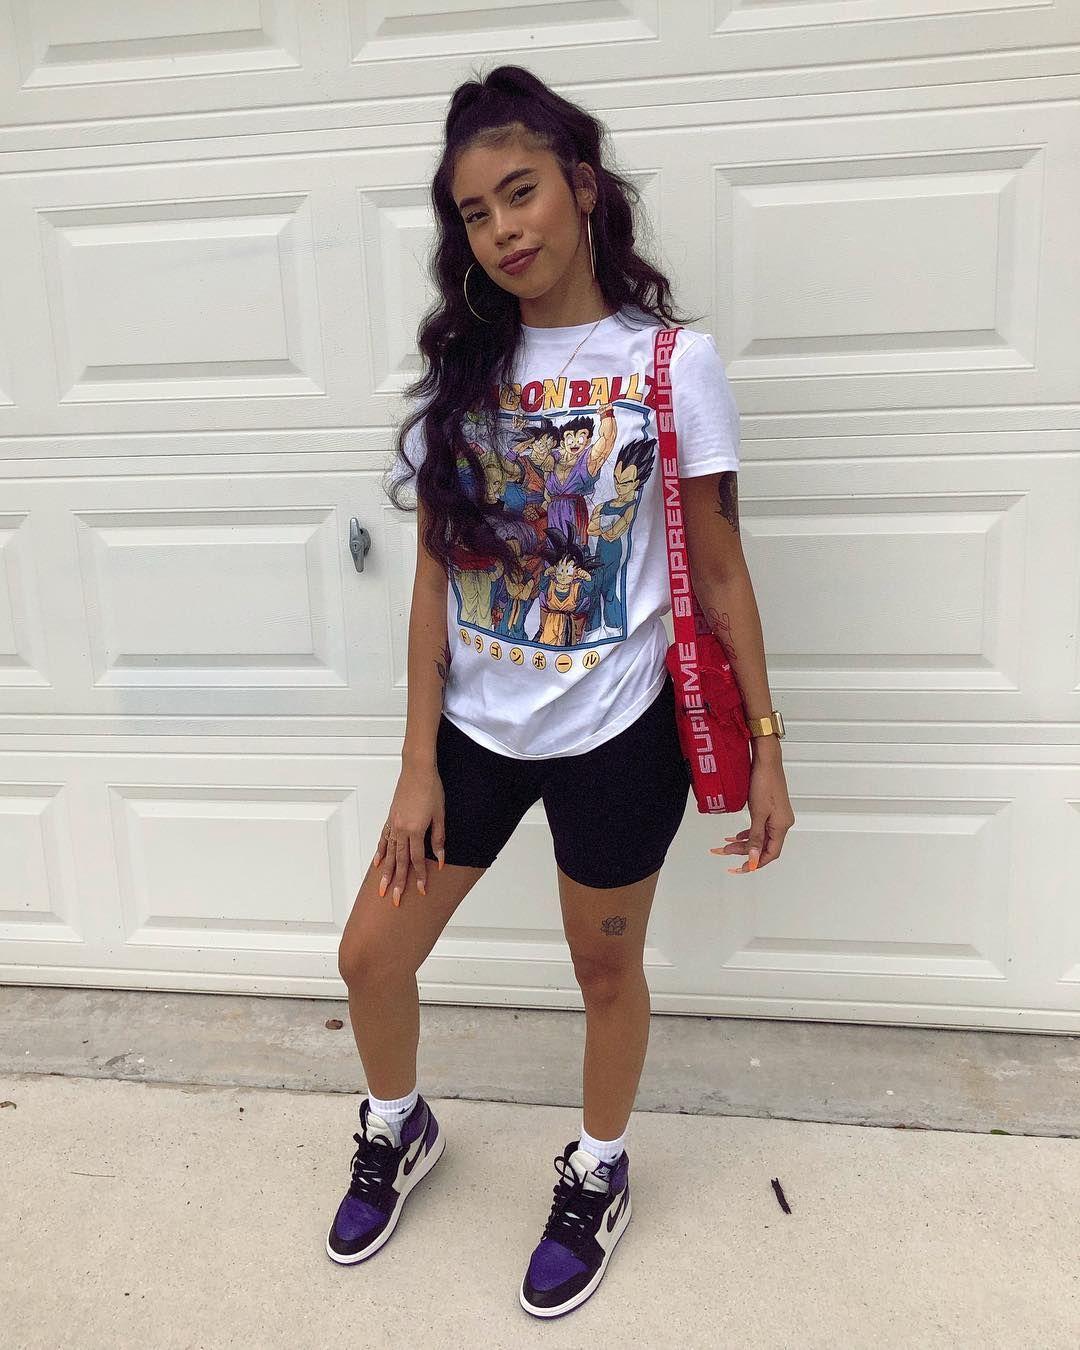 air jordan 1 outfit girl